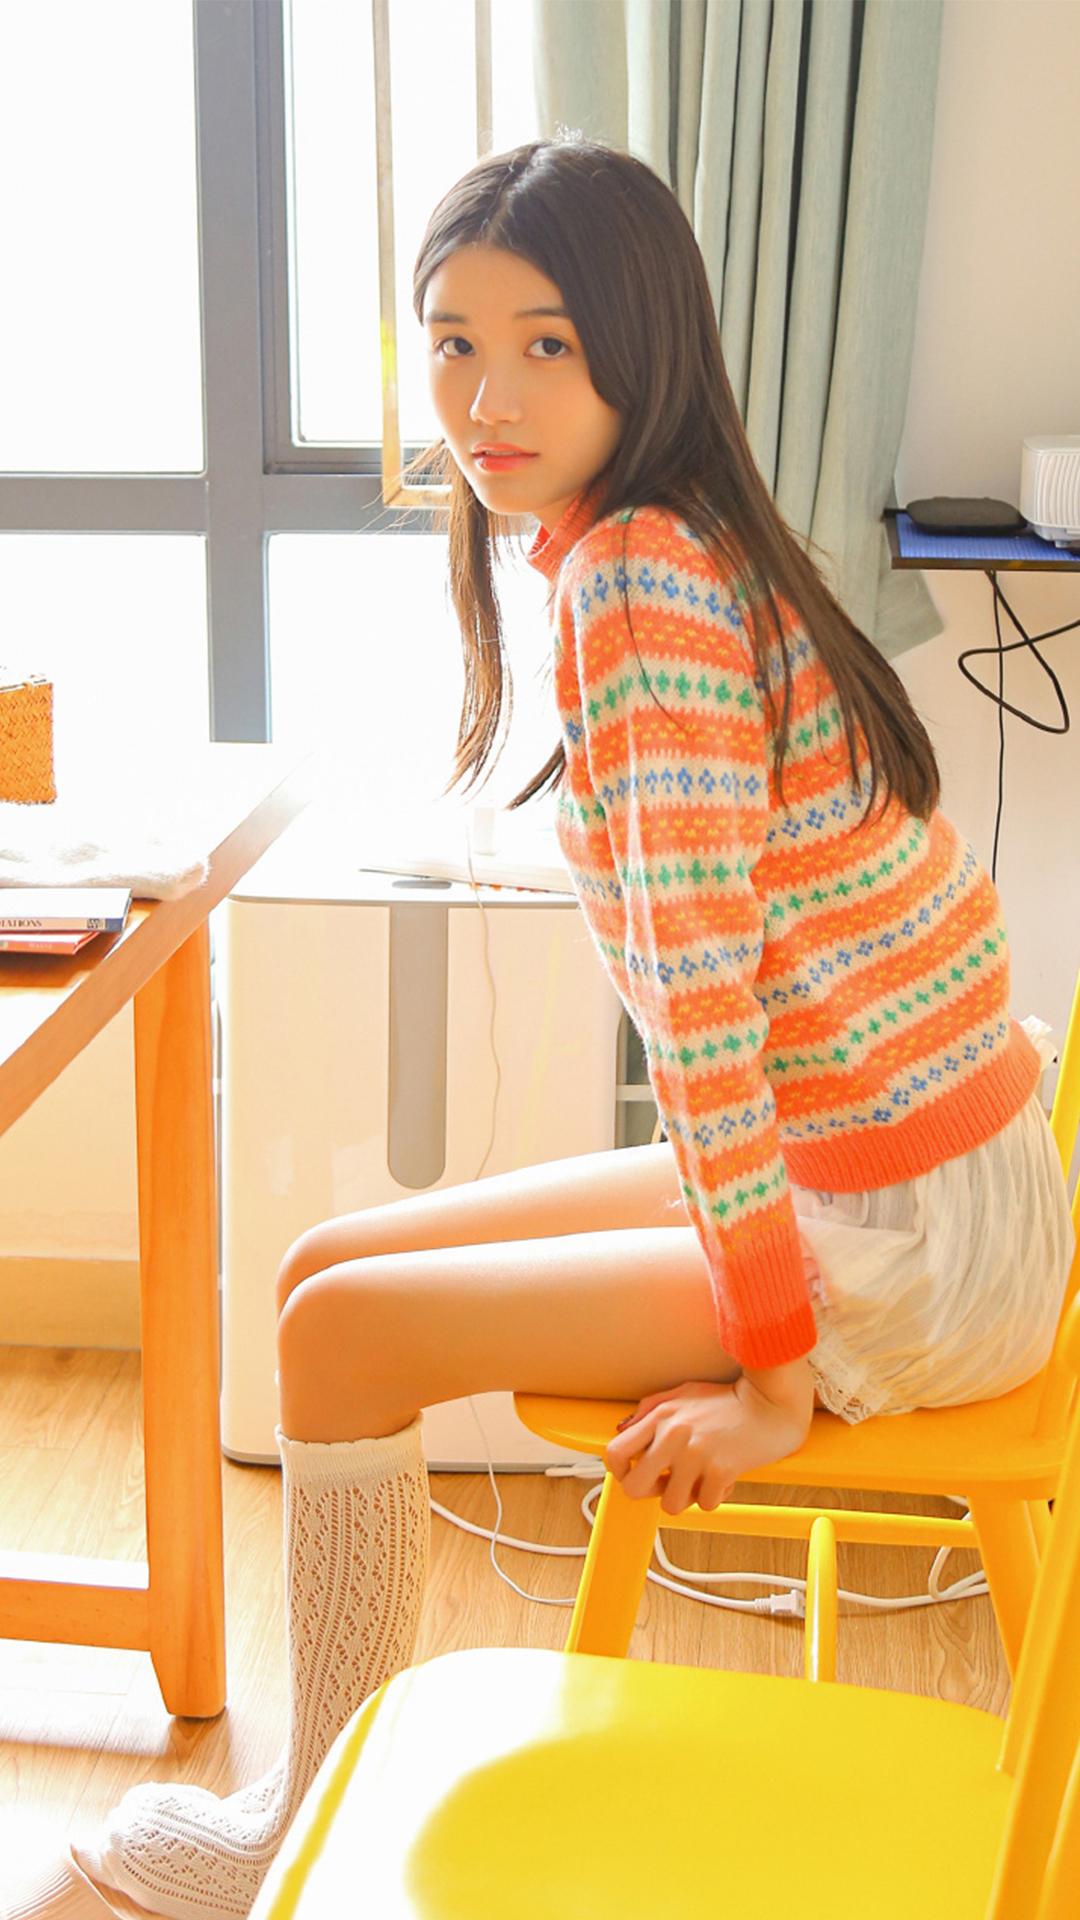 黑长直清纯可爱小姐姐超短裤性感美腿白丝袜日系个人写真集